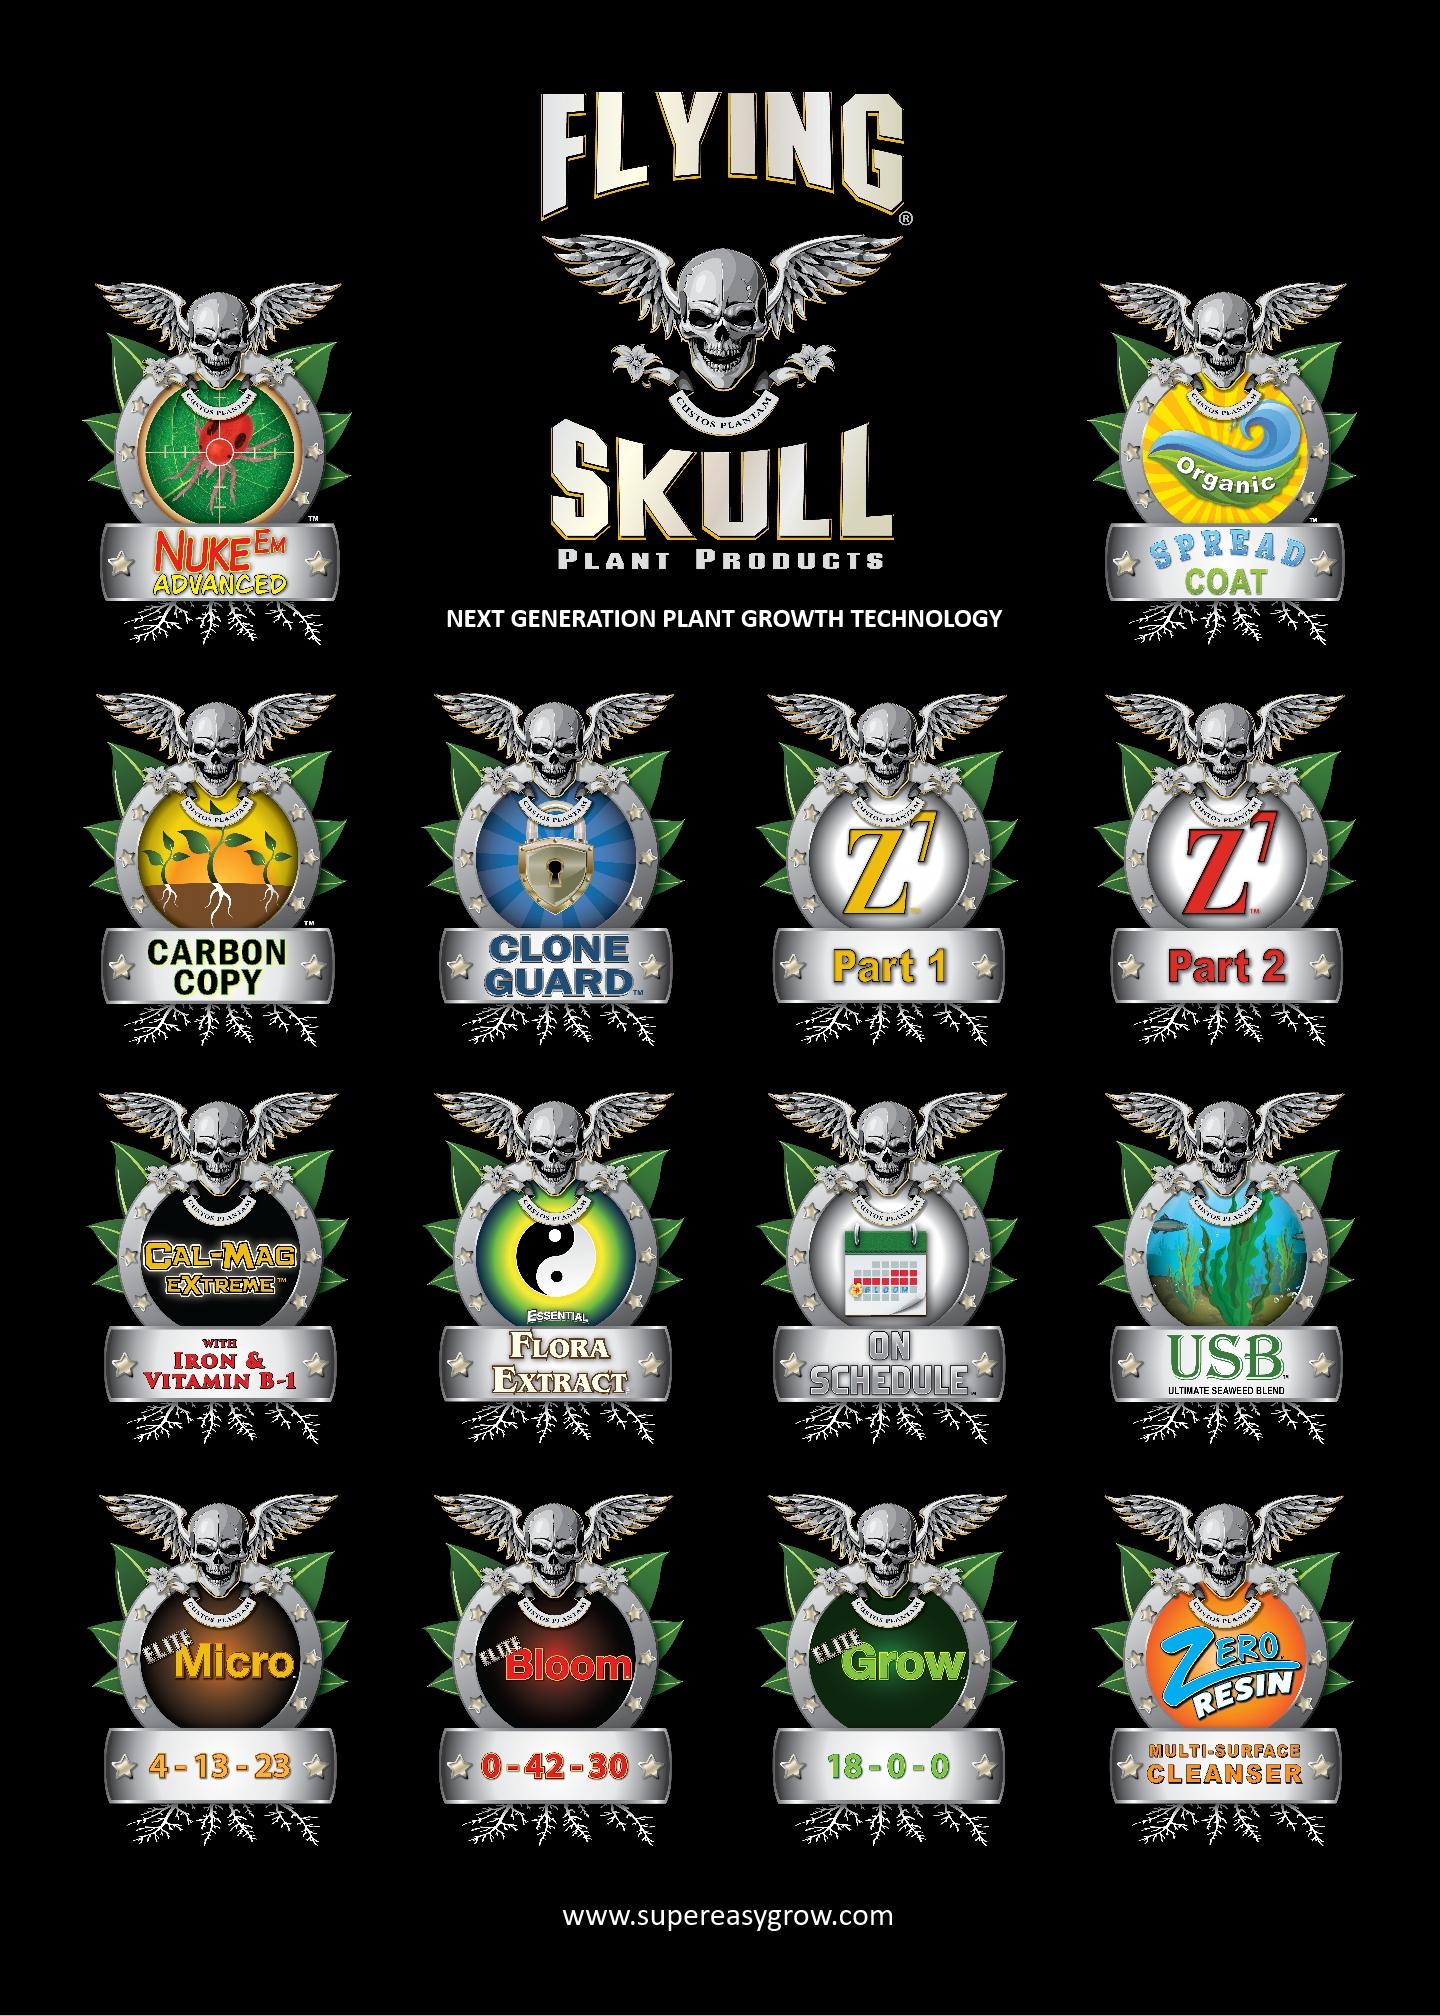 Flying Skull Product Range Poster